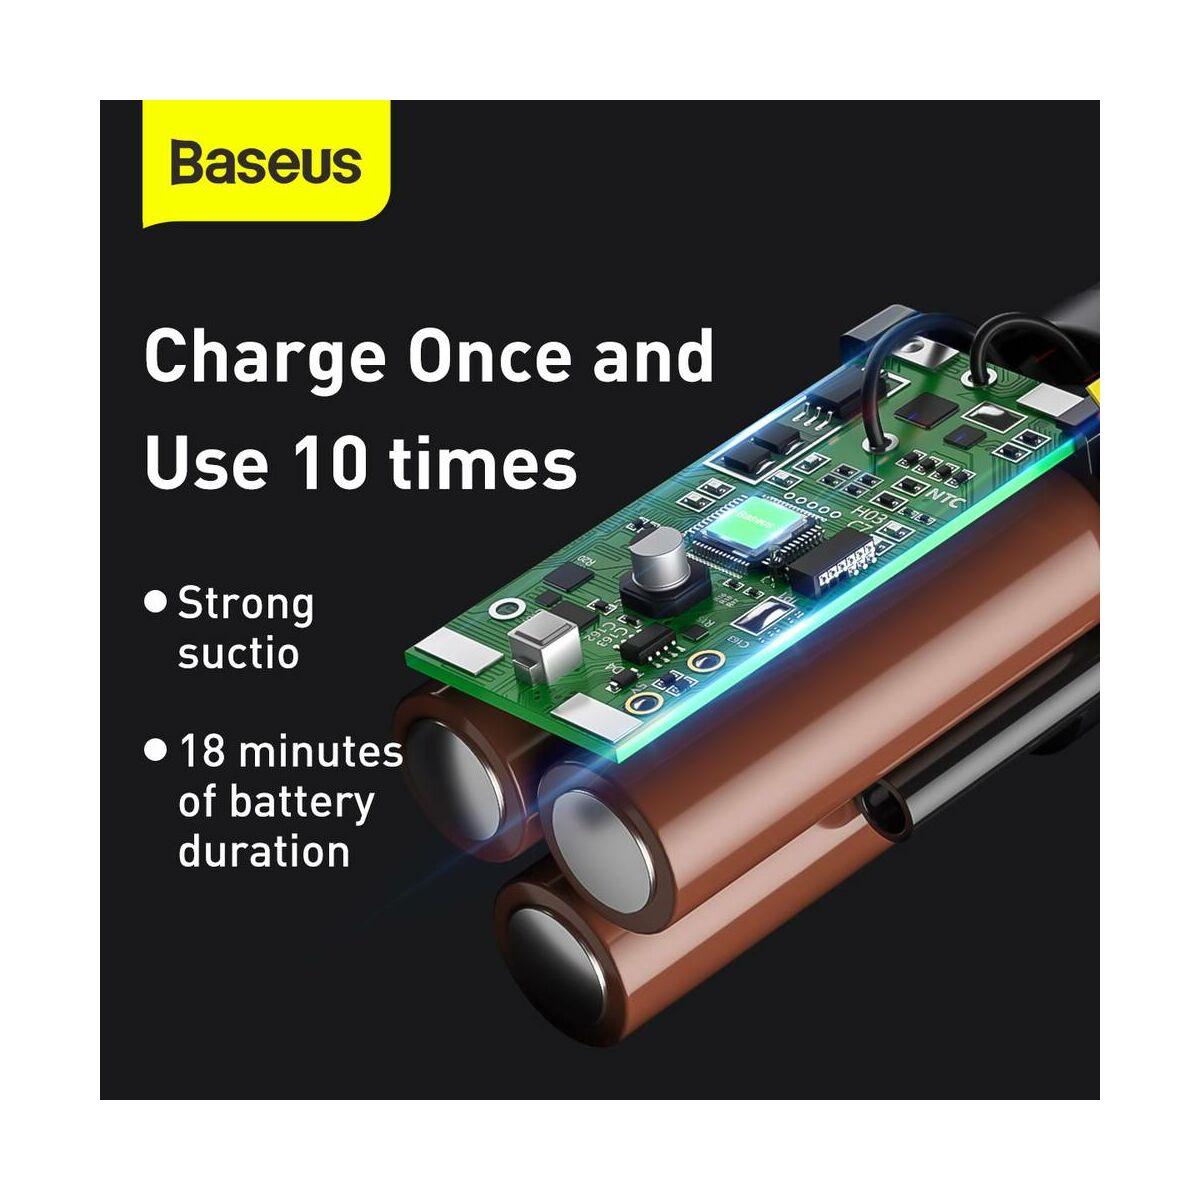 Baseus autós kiegészítő, porszívó A2, 5000Pa szívóerő 70W, fehér (CRXCQA2-02)